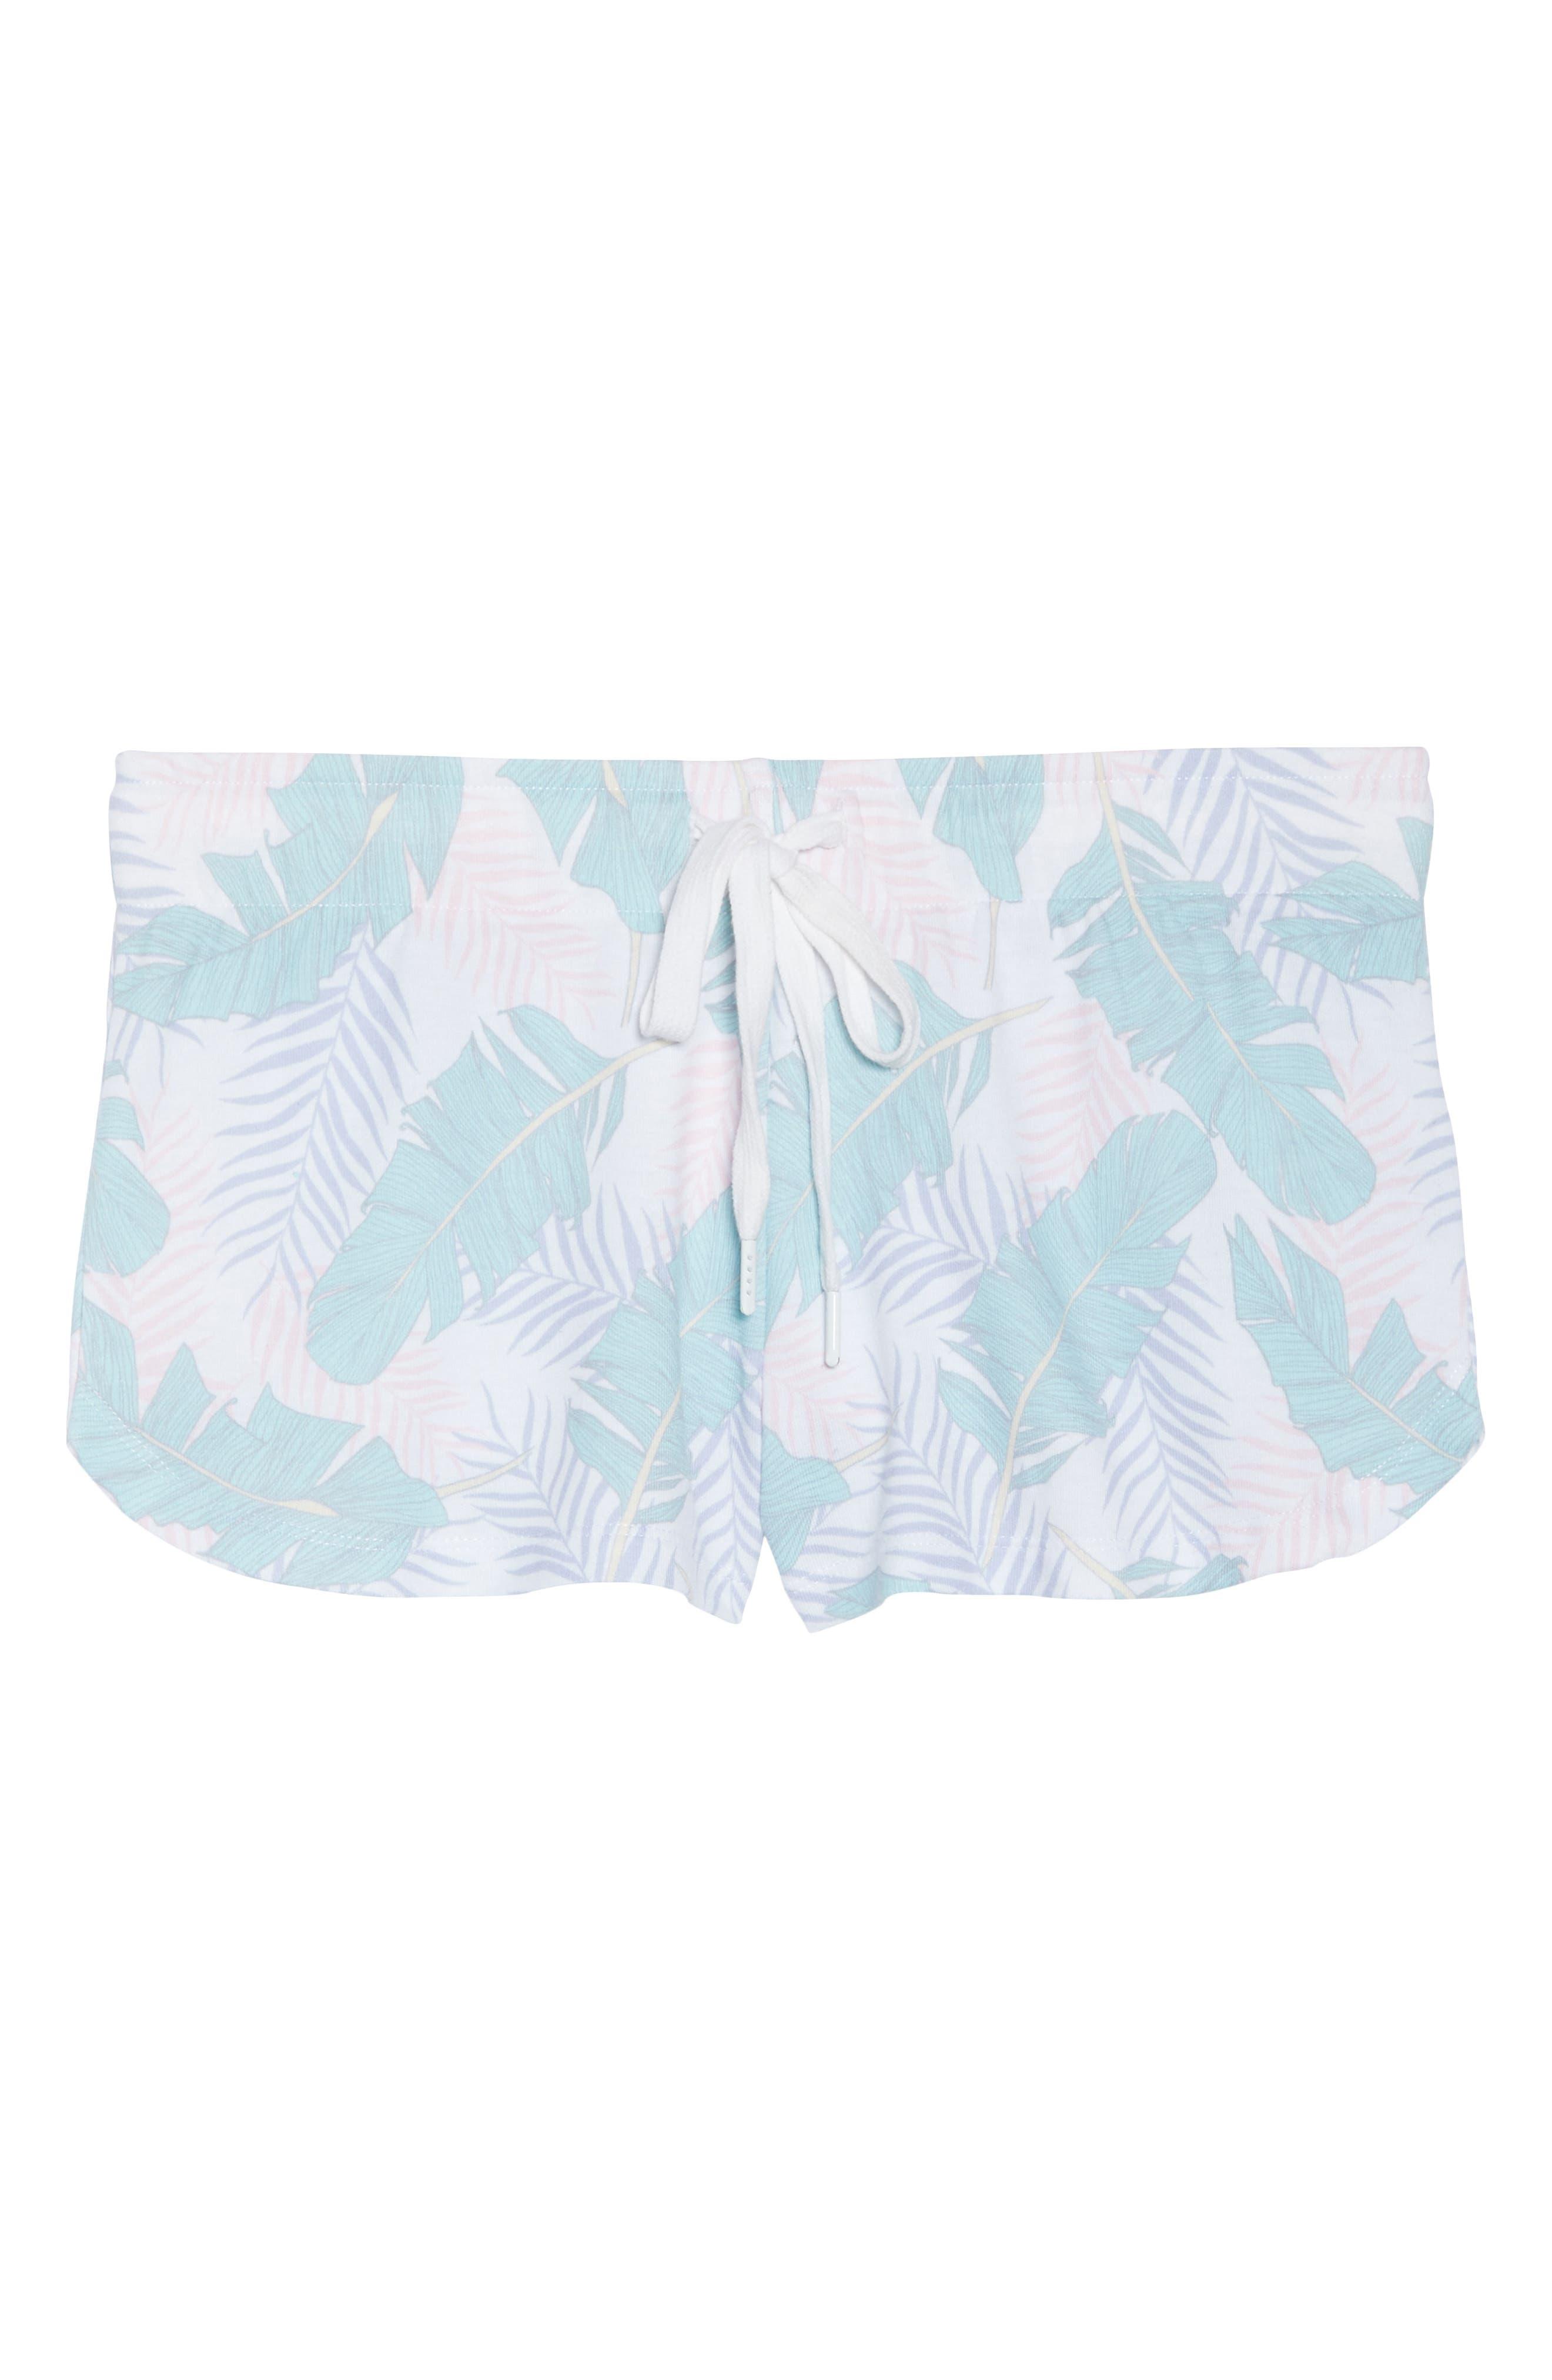 Lounge Shorts,                             Alternate thumbnail 4, color,                             White